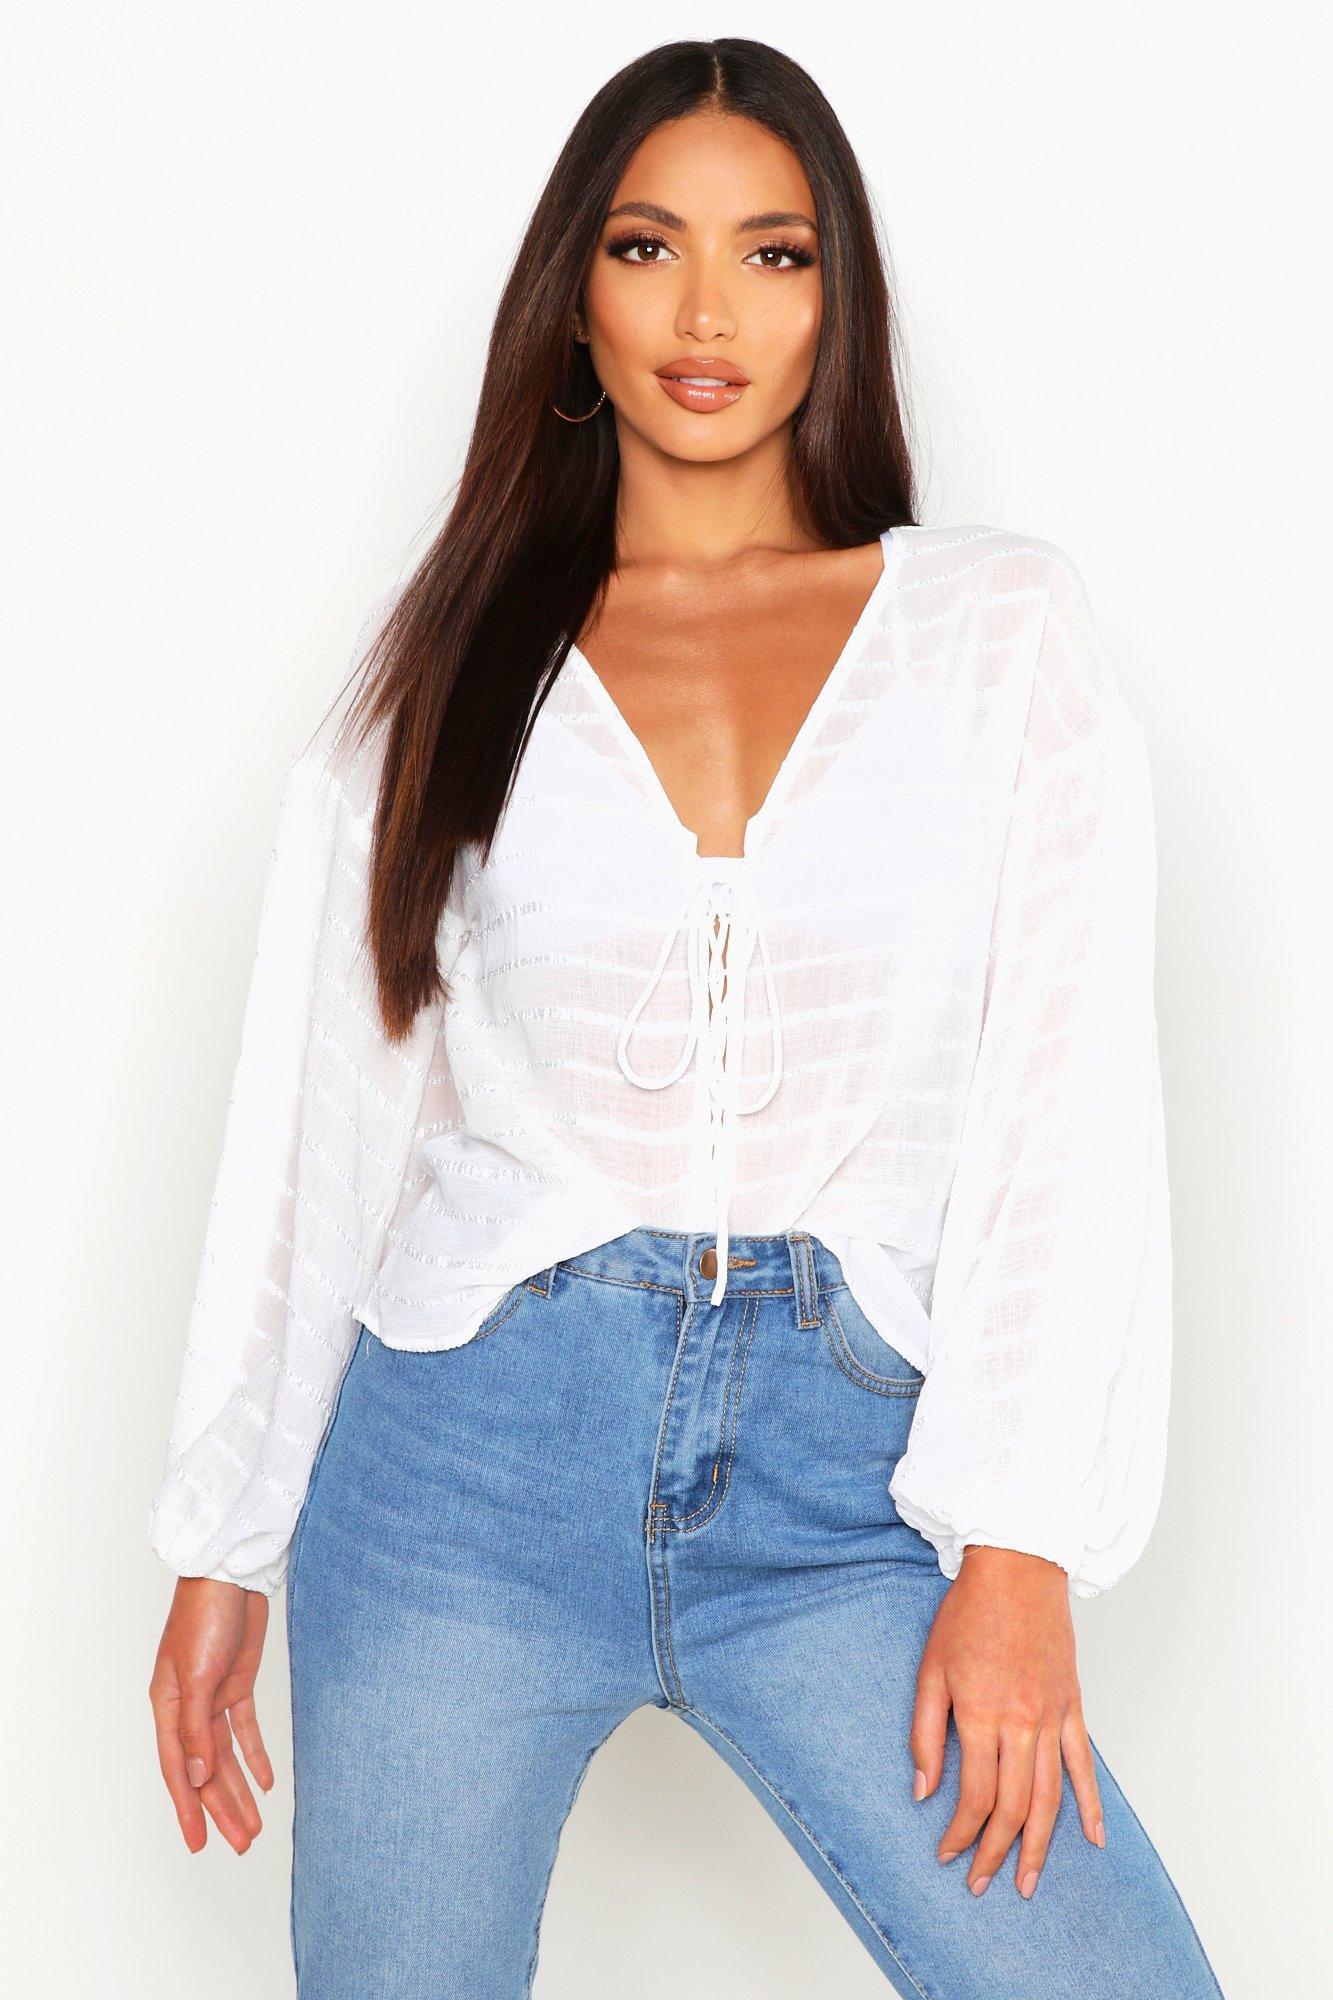 Womens Gewebte Bluse mit Ballonärmeln und farblich abgestimmter Schnürung - Weiß - 32, Weiß - Boohoo.com